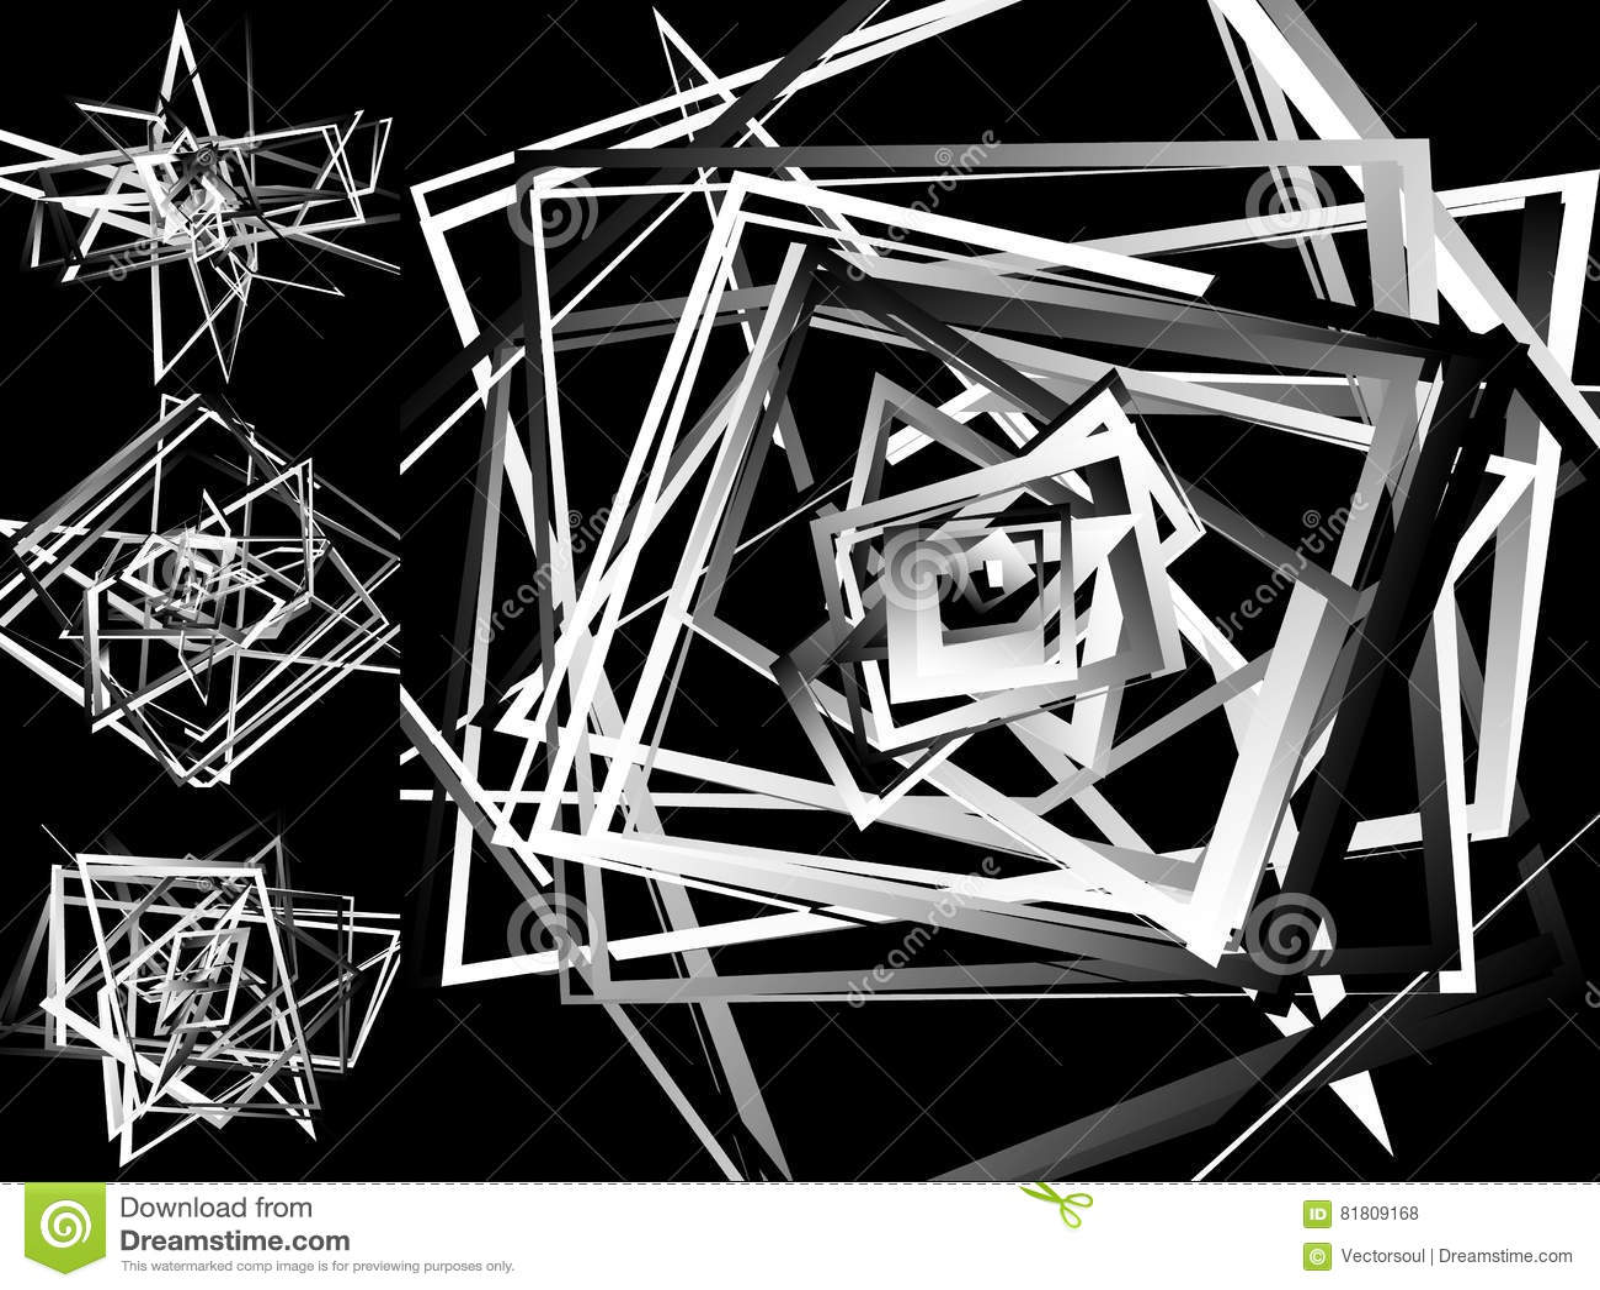 Мозаика хаотического солдата нерегулярной армии, случайных квадратов Repeatable backgrou